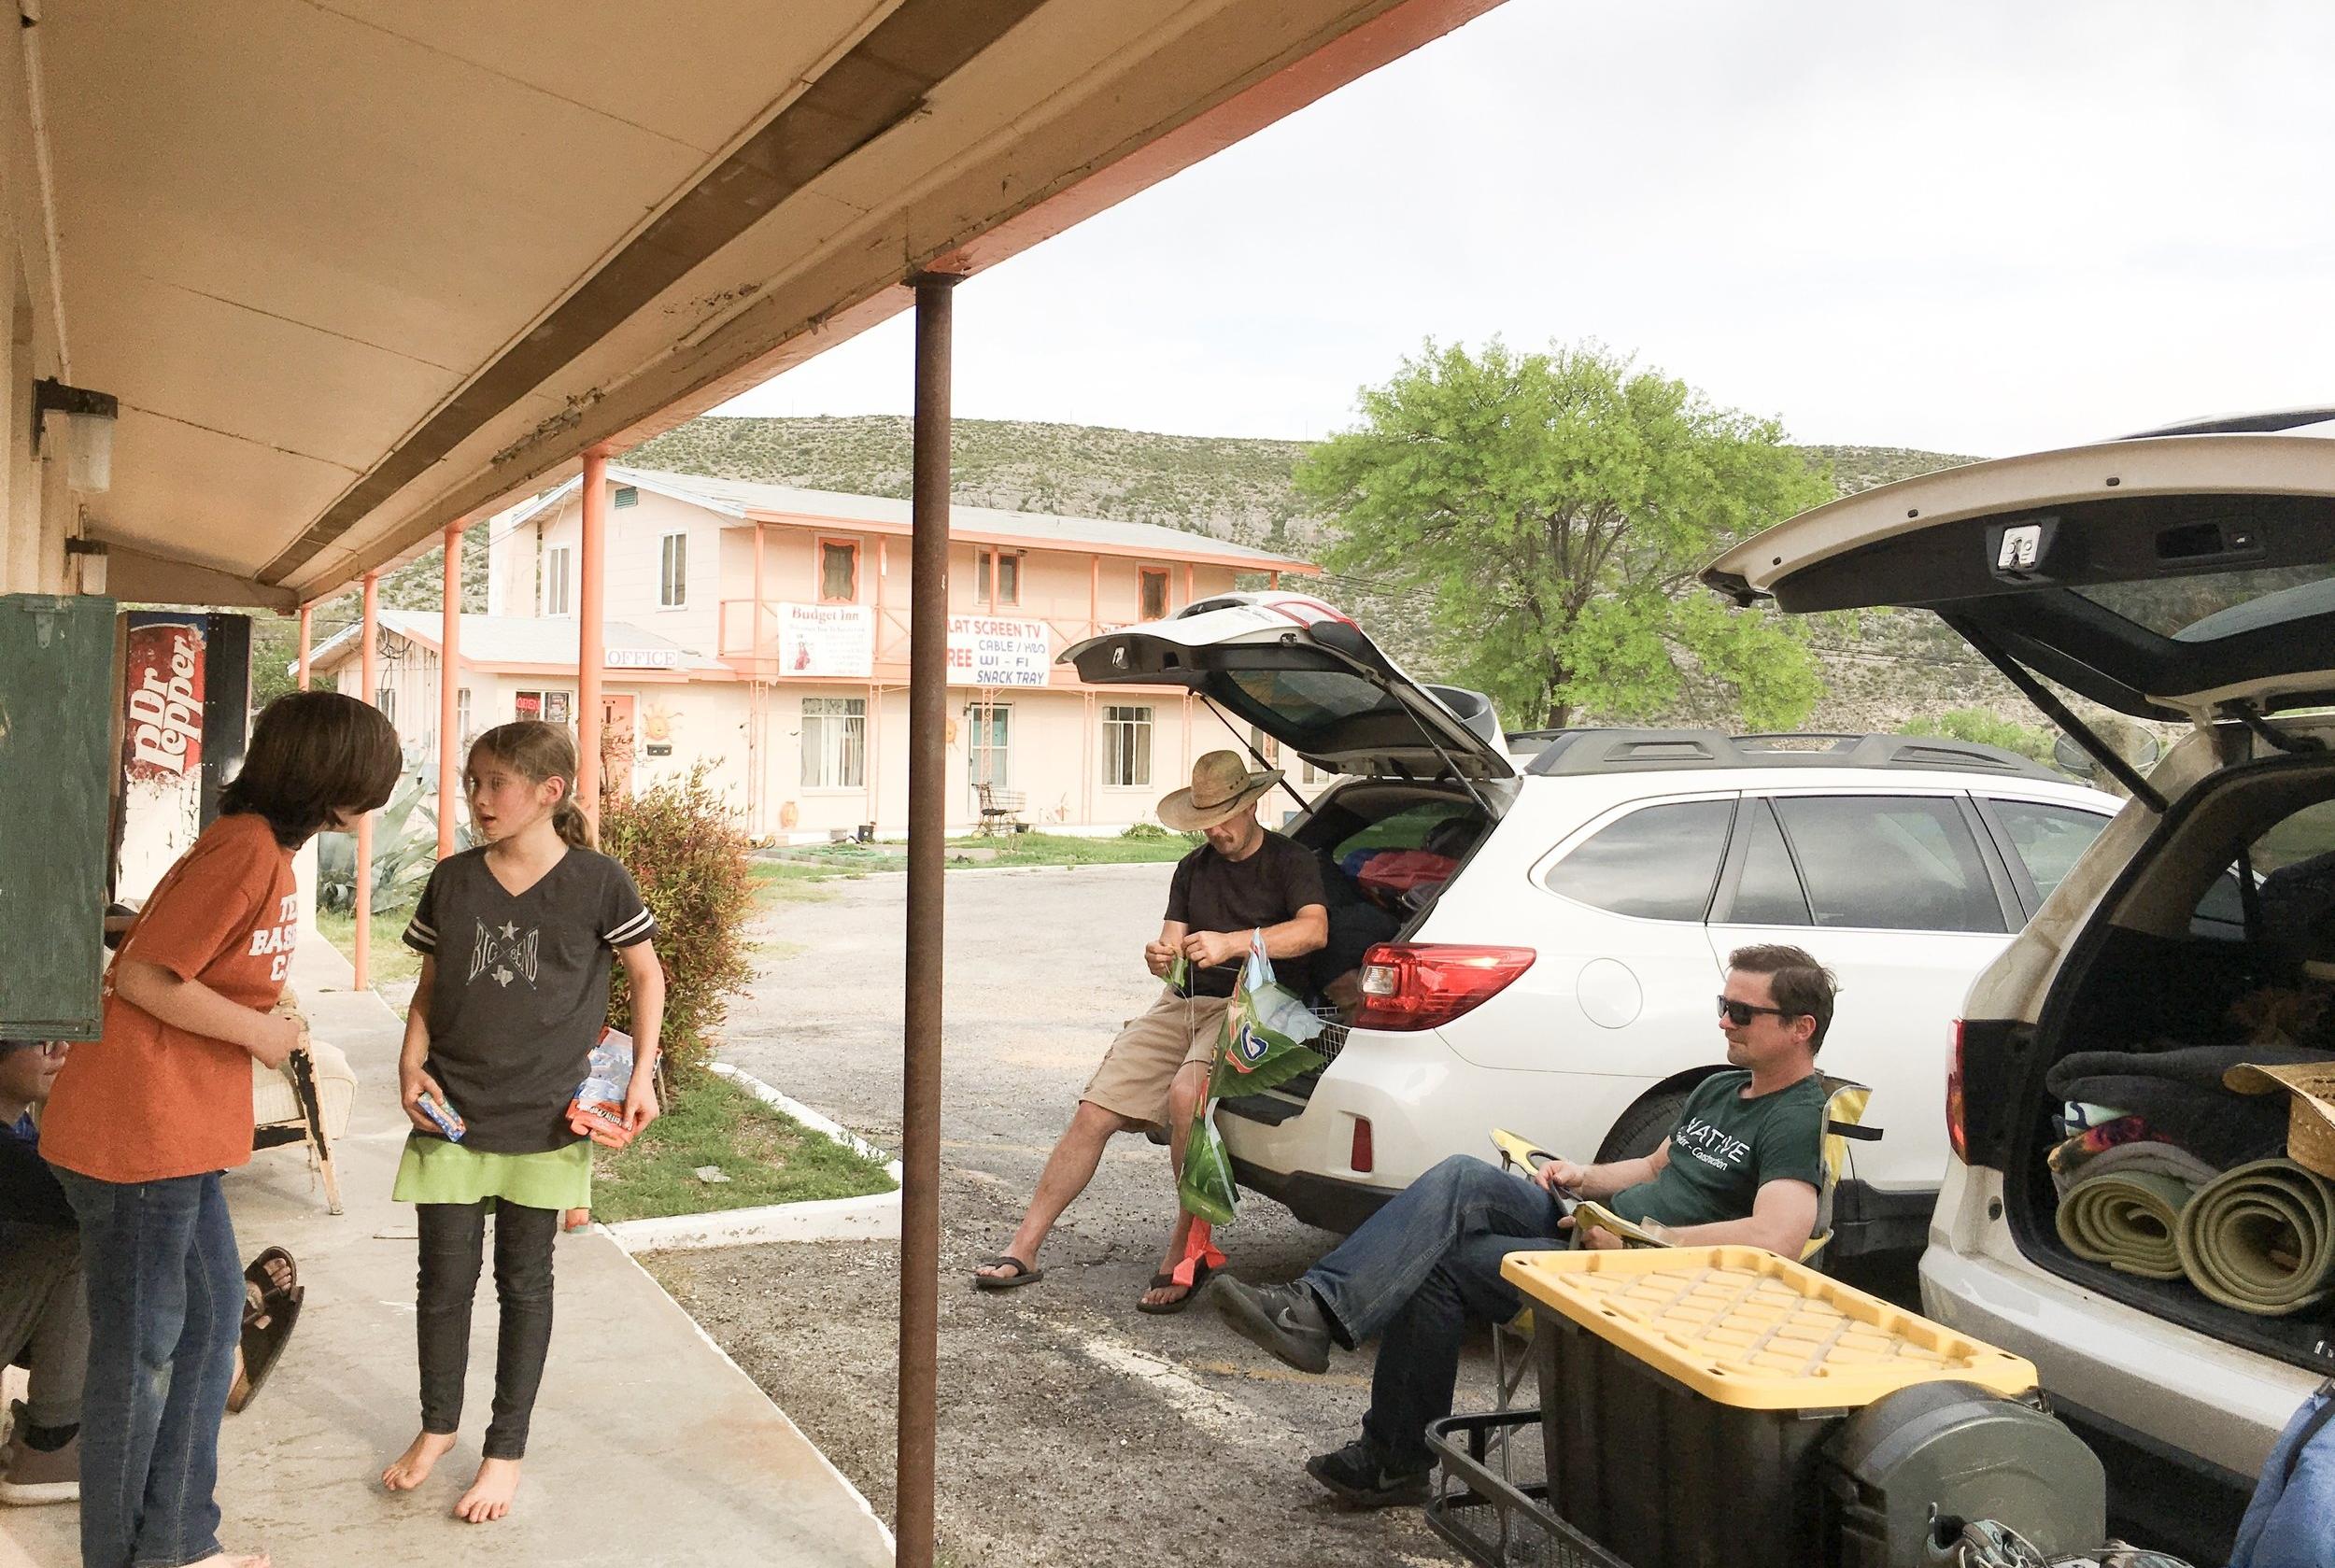 Porch sitting in Sanderson